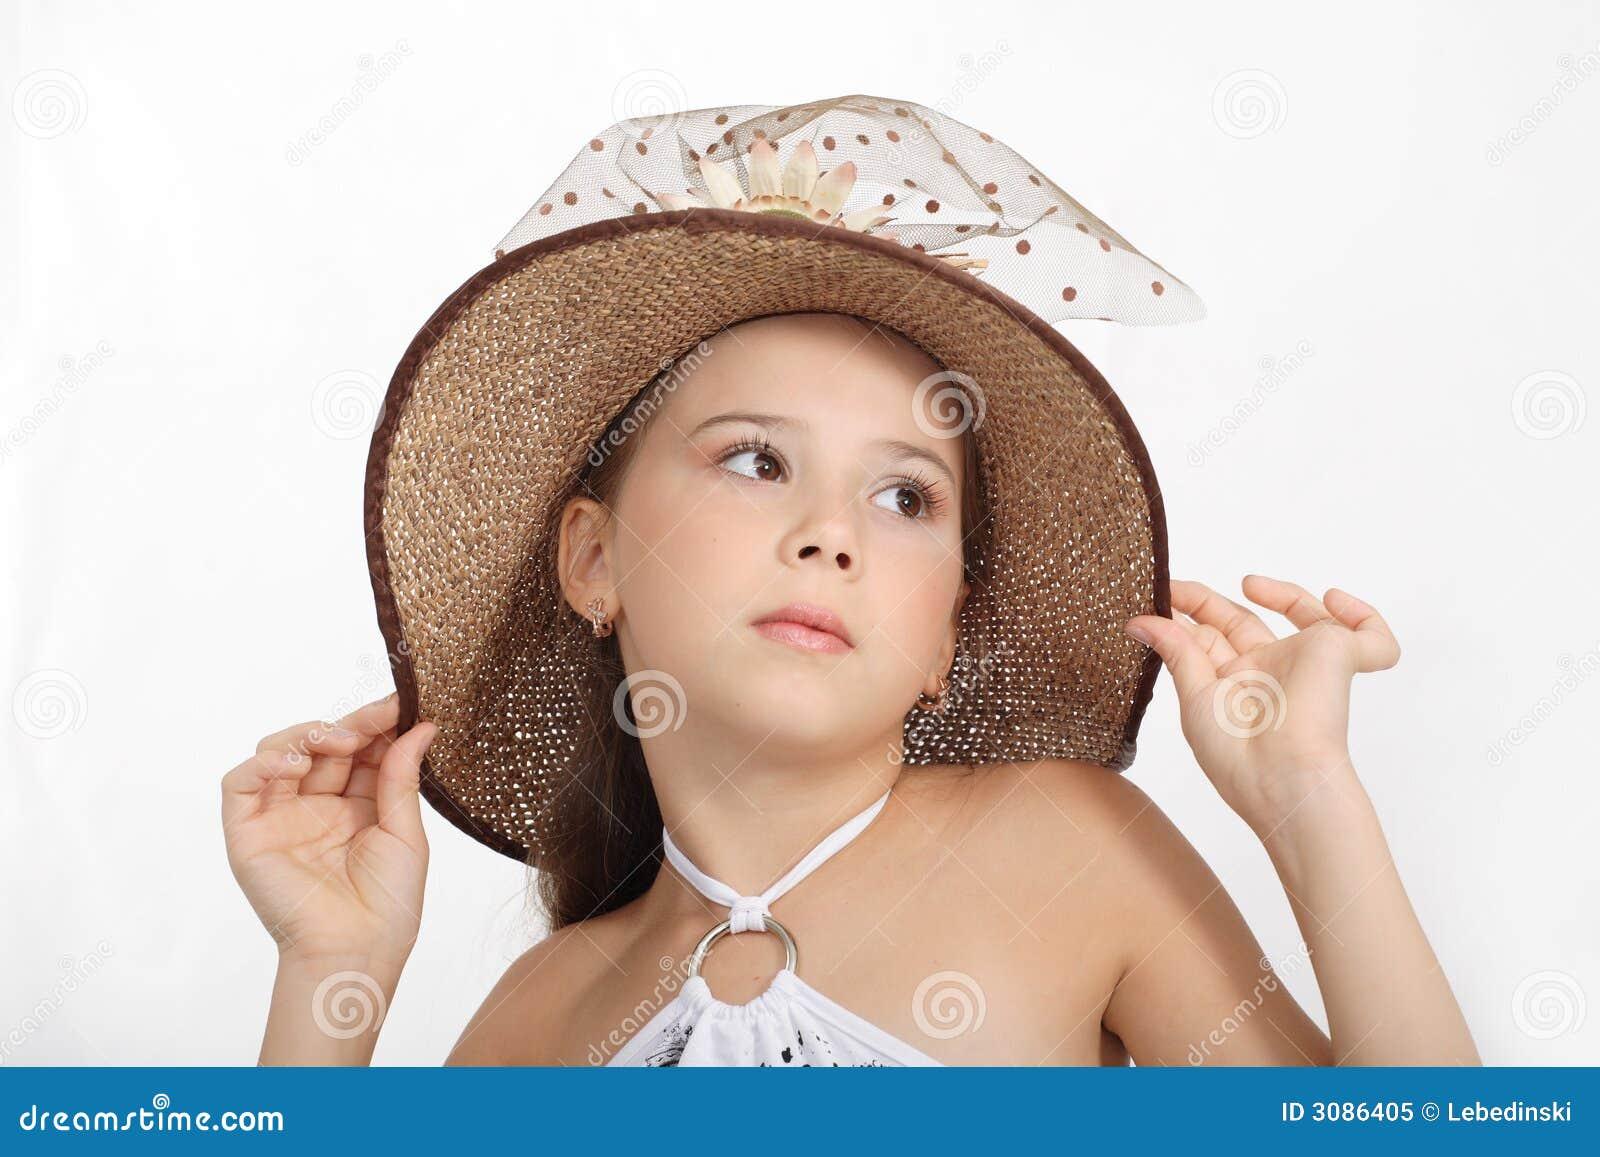 Mooi klein meisje royalty vrije stock foto afbeelding 3086405 - Foto slaapkamer klein meisje ...